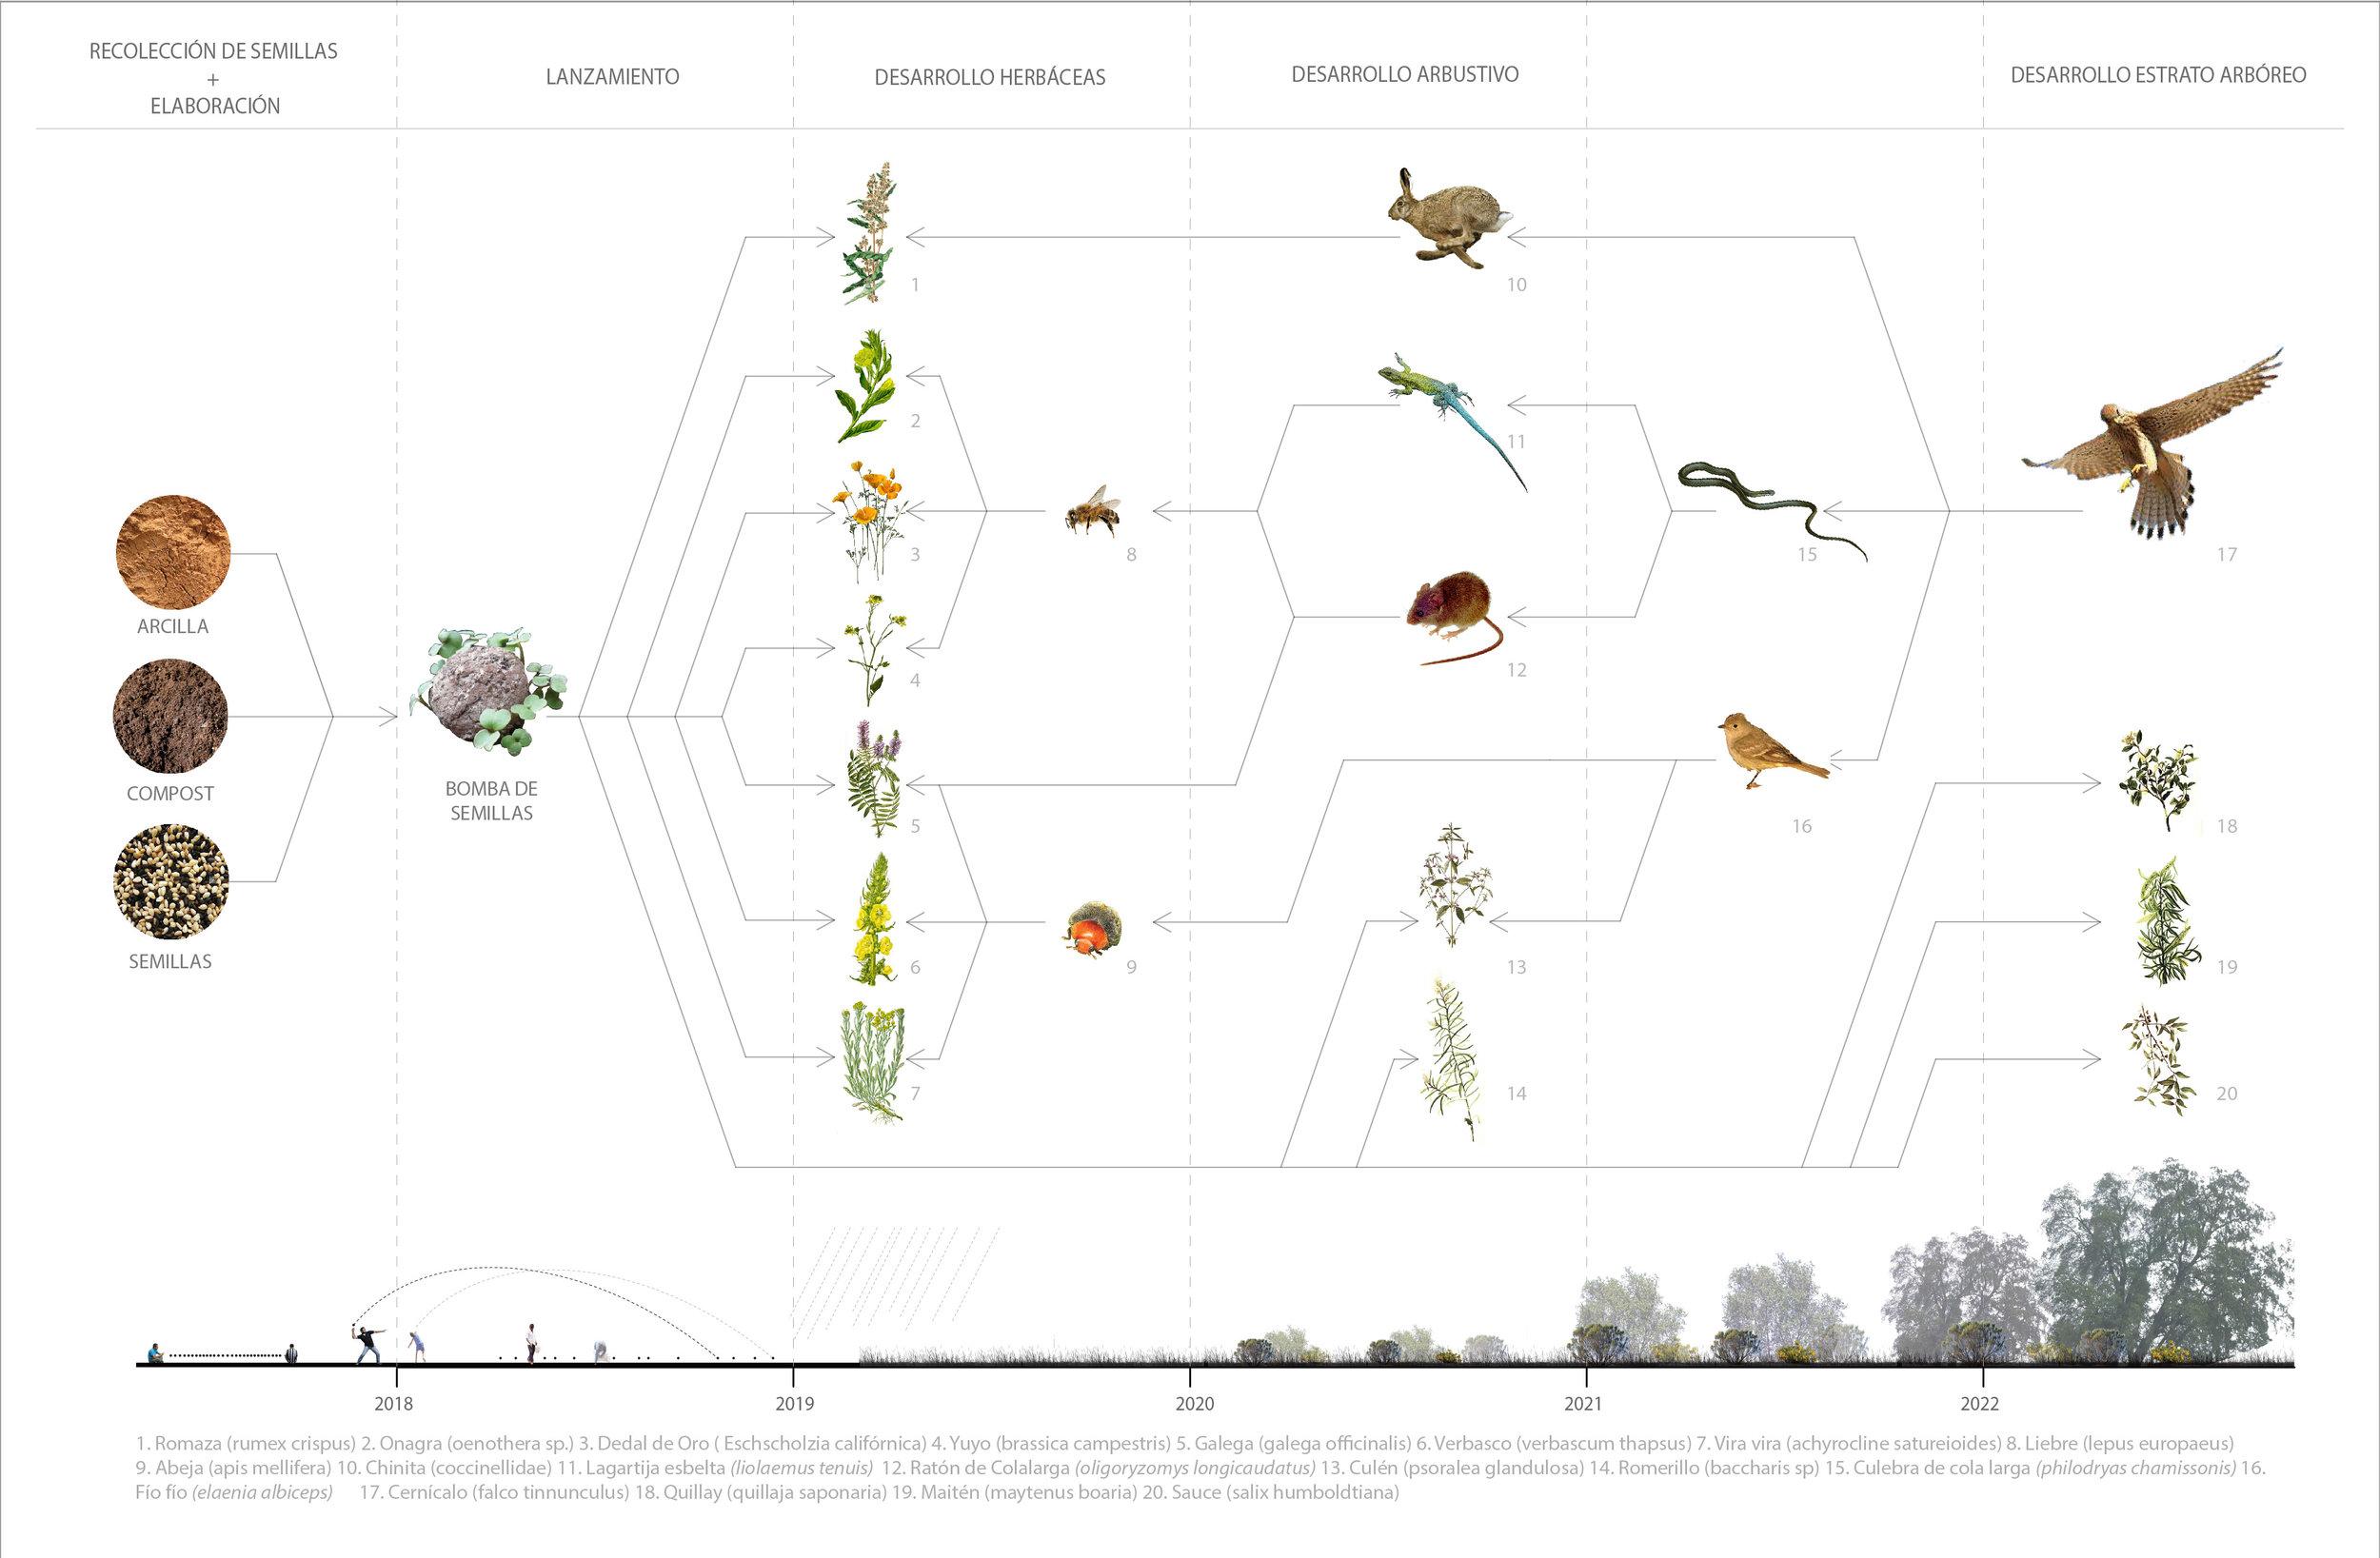 (1) Diagrama activación ecológica Río Mapocho © Paisaje Táctico paraLOFscapes.